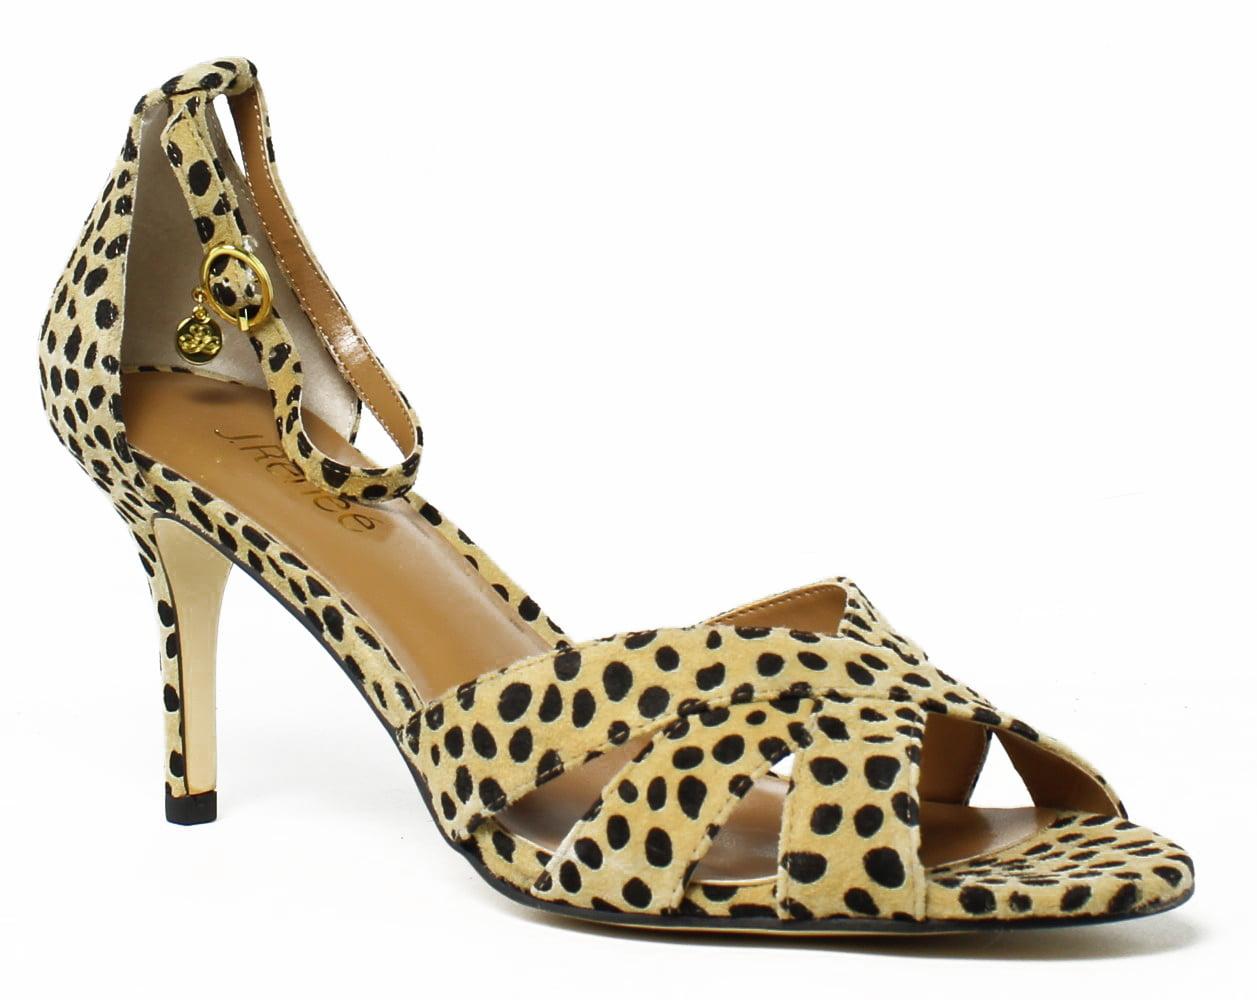 J. Renee Womens Brown Ankle Strap Heels Size 9 New by J. Renee